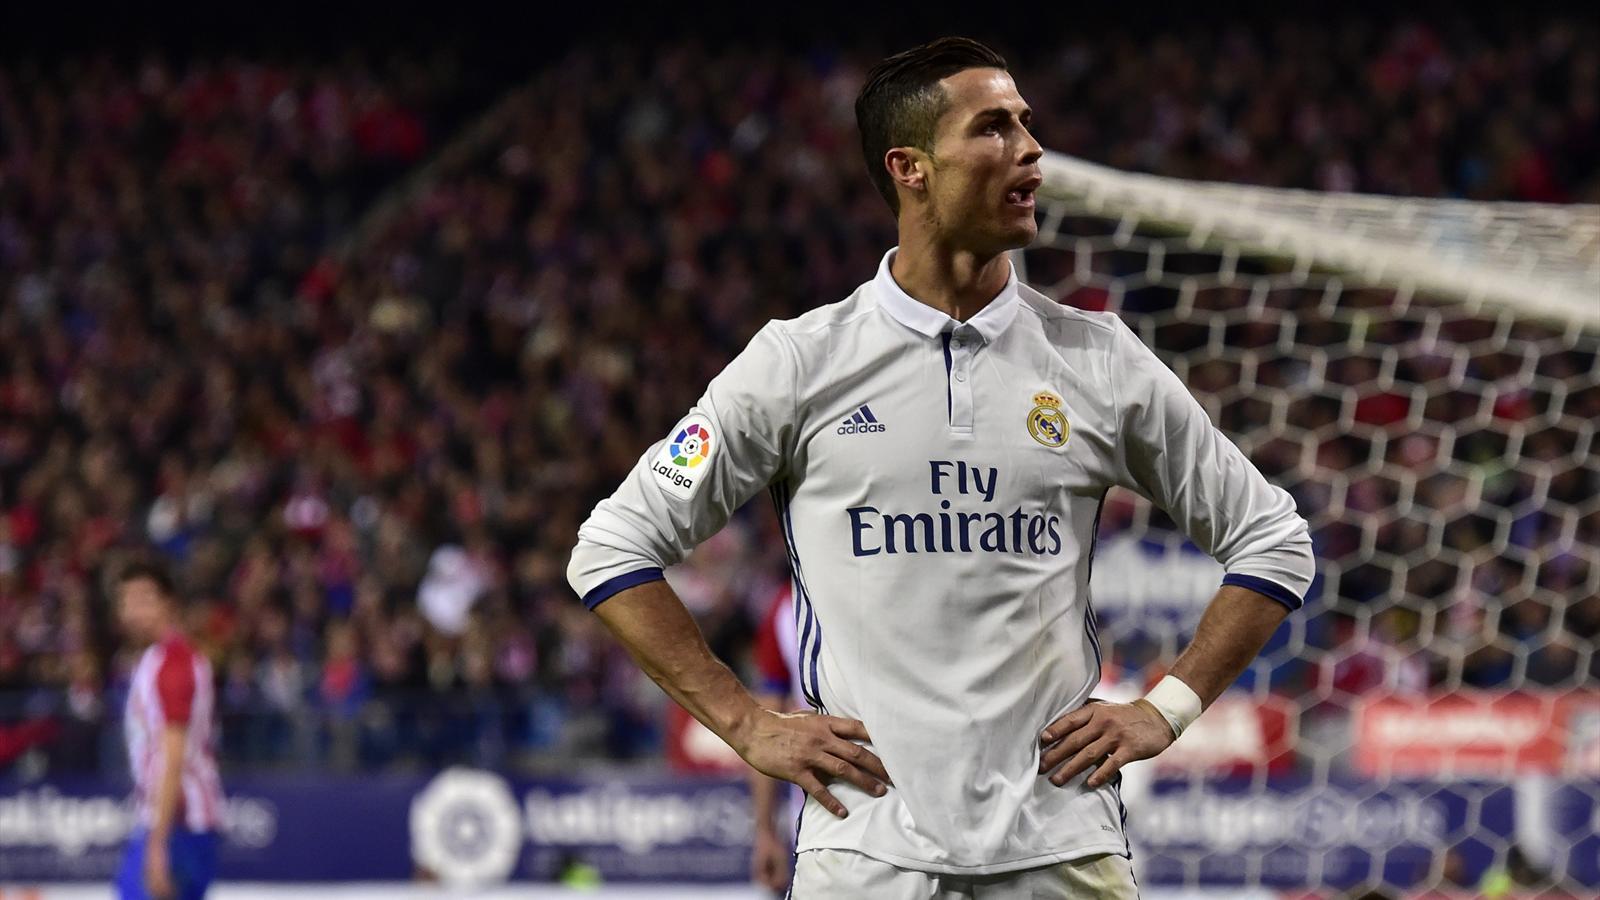 Роналду в пятерке игроков, забивавших больше всех за сборную